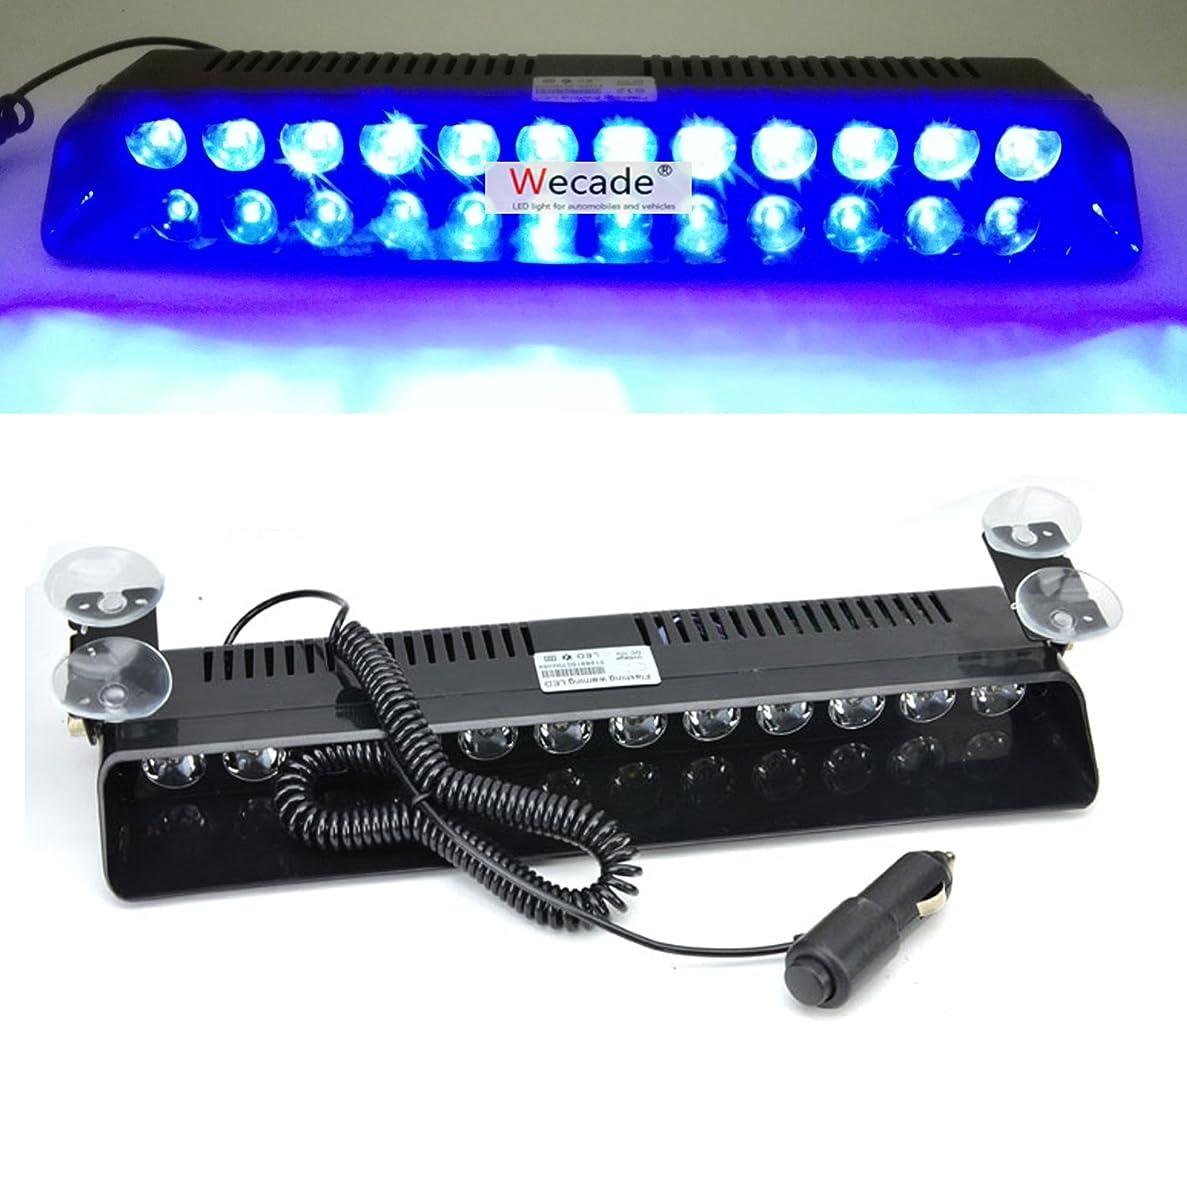 見分ける足首定数Ranzek 12 LED フロントライト 警告灯 12W 12V ダッシュボード インテリアカートラック緊急 ストロボフラッシュライト(青)